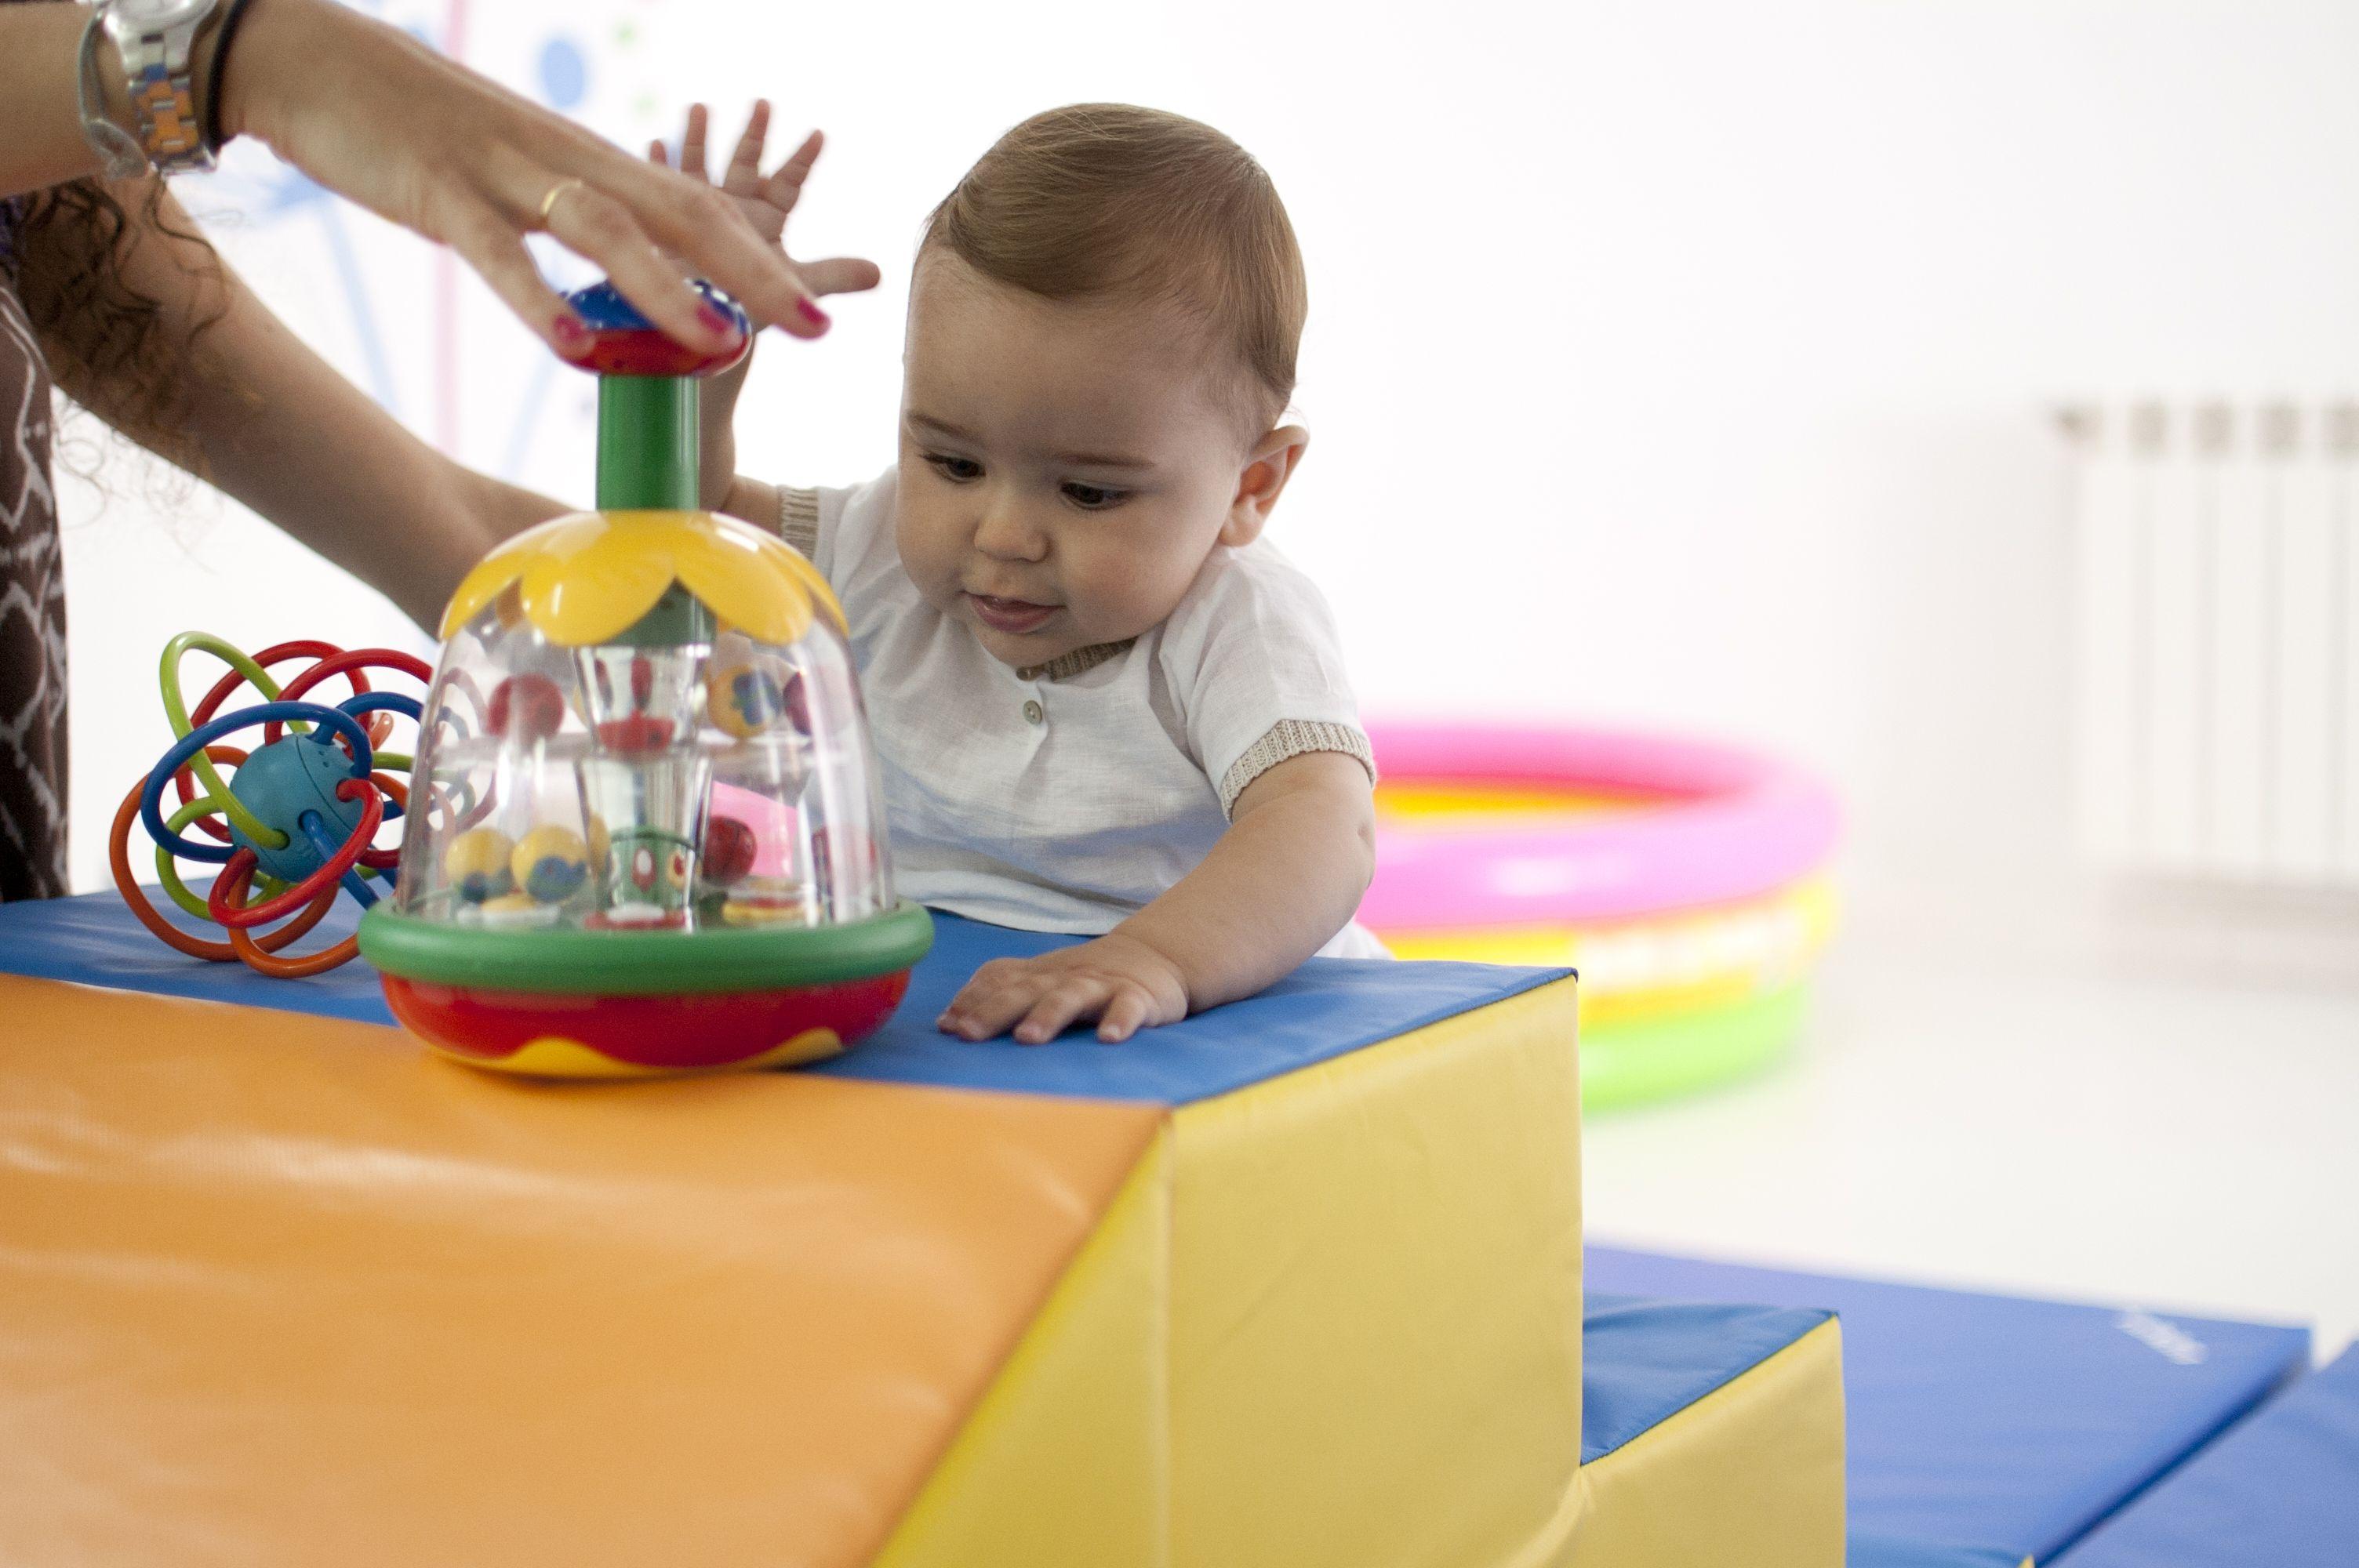 Sube Las Escaleras Atraído Un El Juguete Bebé Por AL534Rj